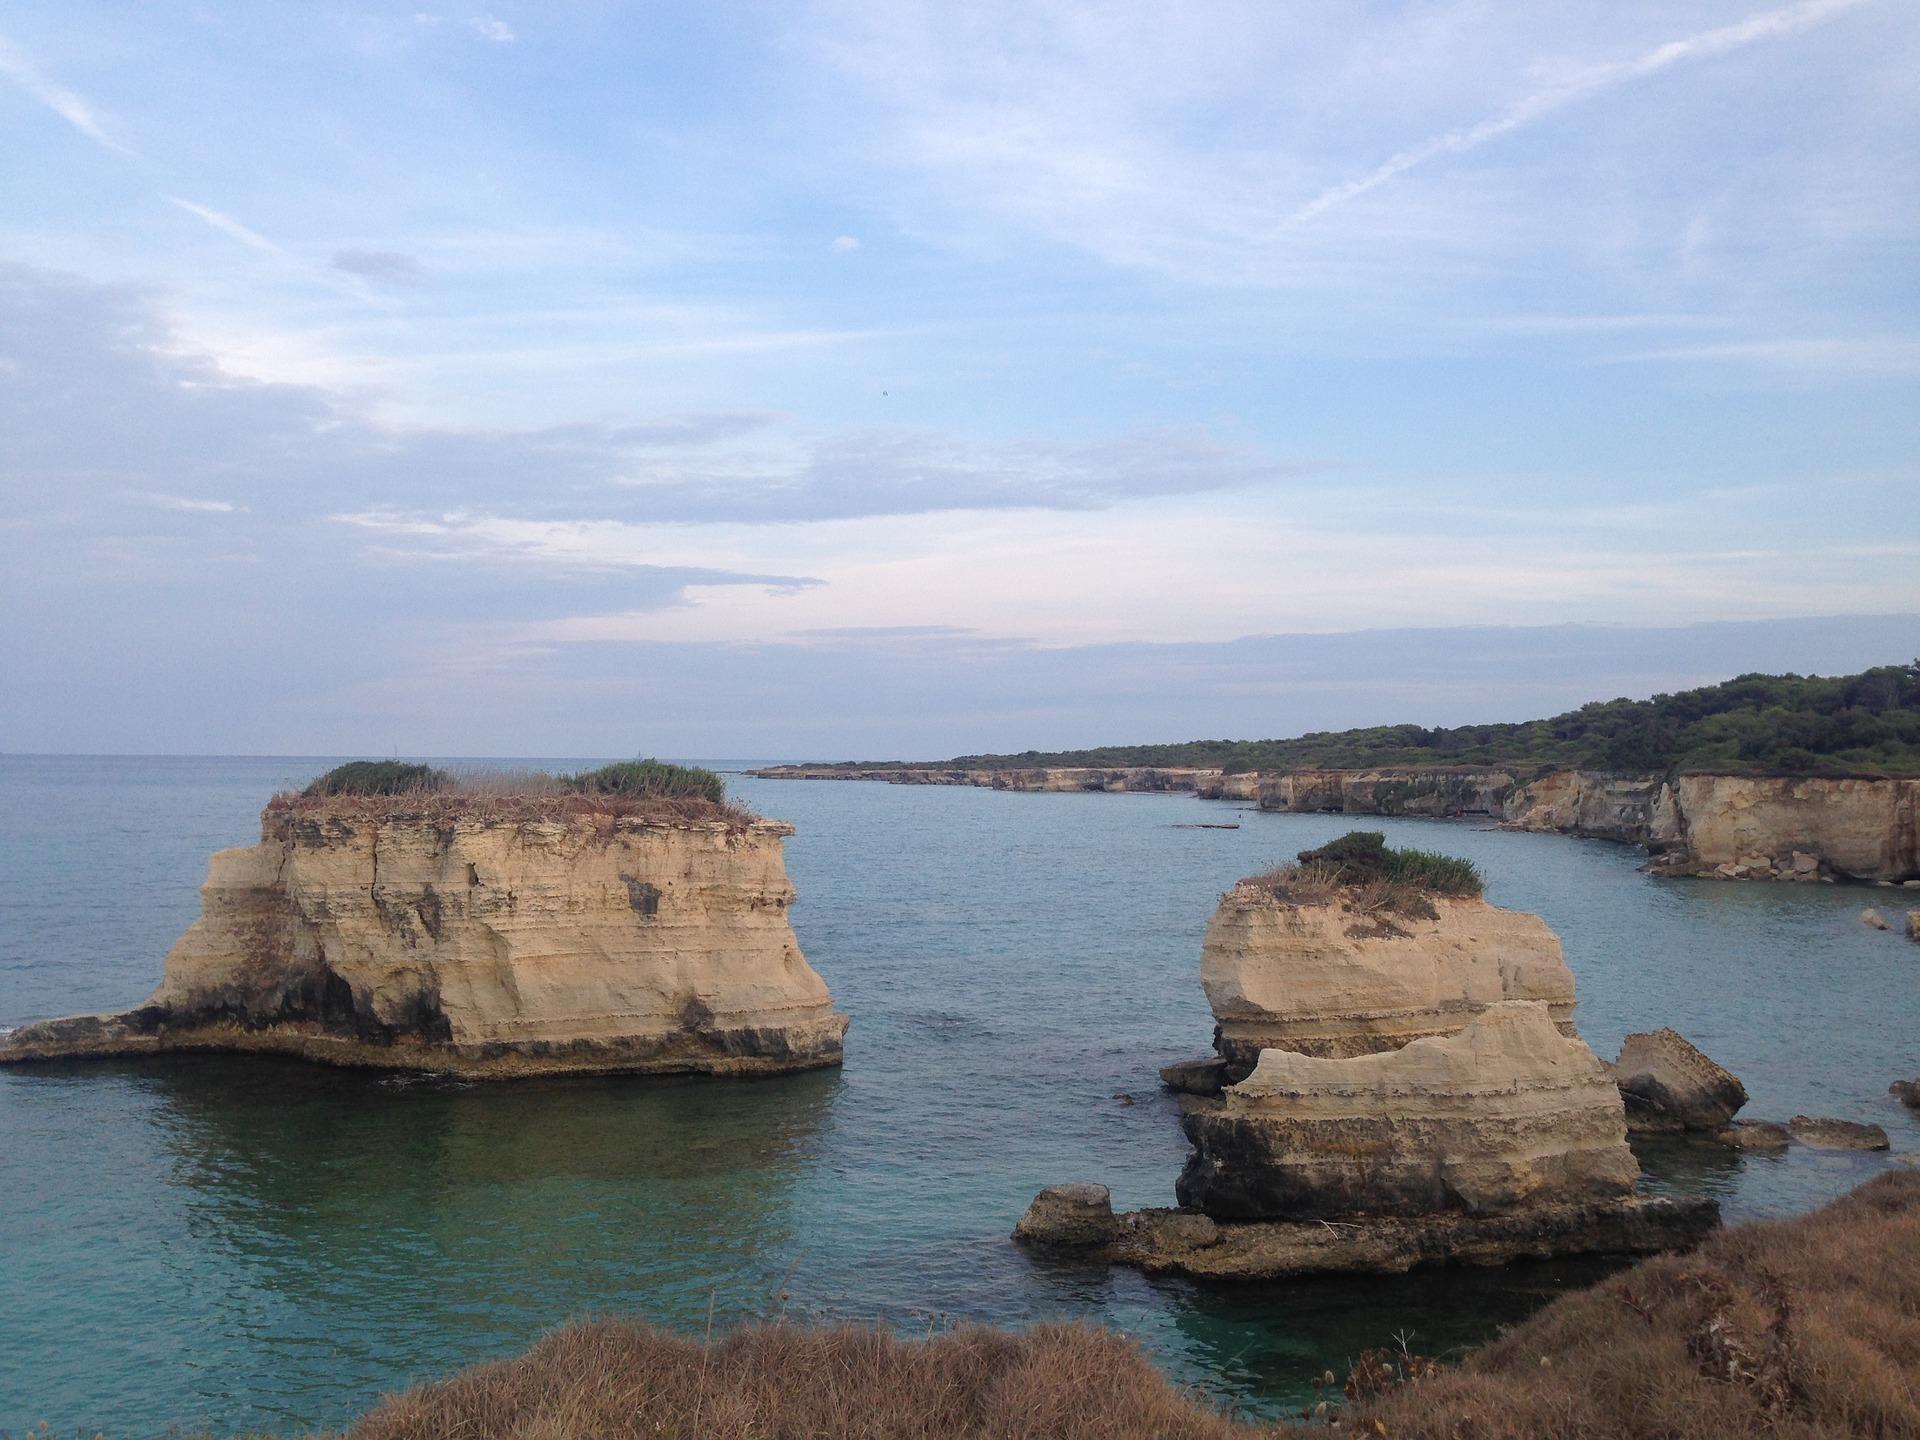 wybrzeze Salento, Salento słońce, morze iwiatr czyli rajski zakątek naziemi